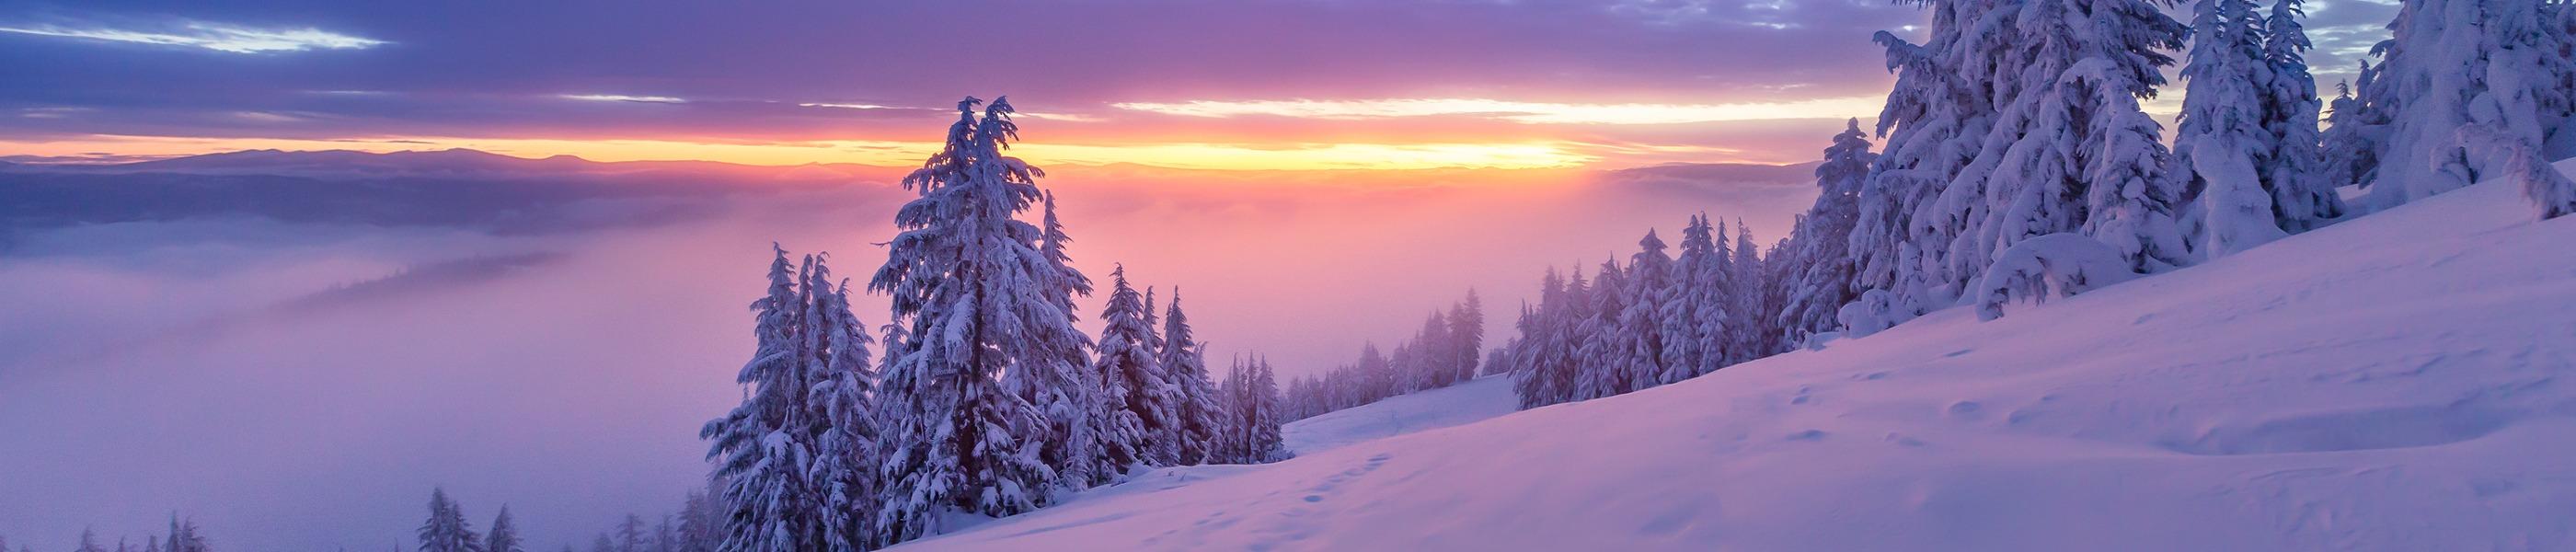 A sunrise over snowy Mt. Ashland